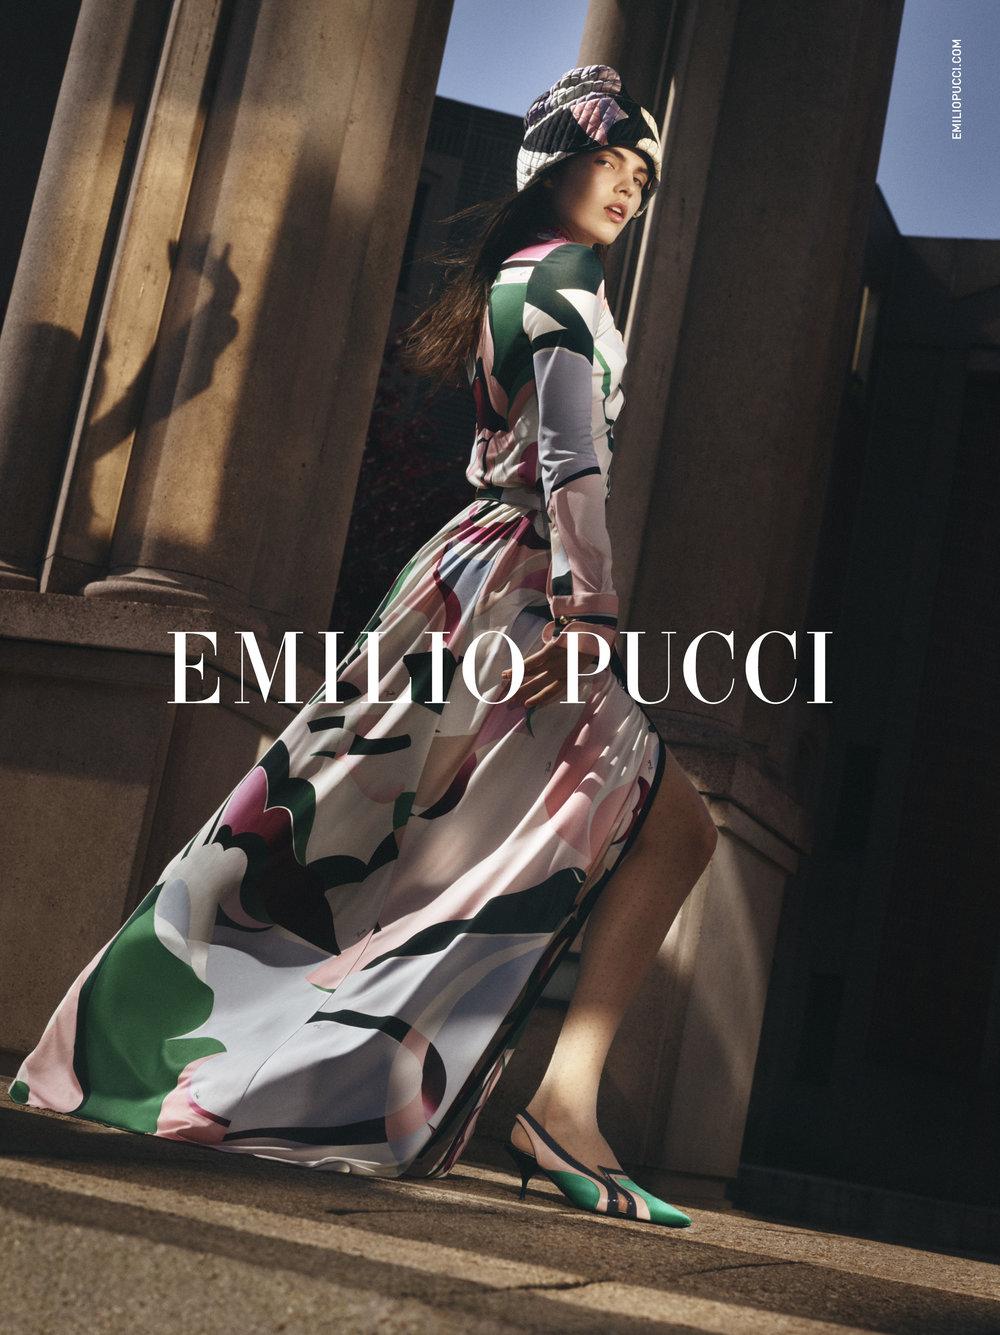 Emilio Pucci_3_00_fw_2018-19_adv_3.jpg